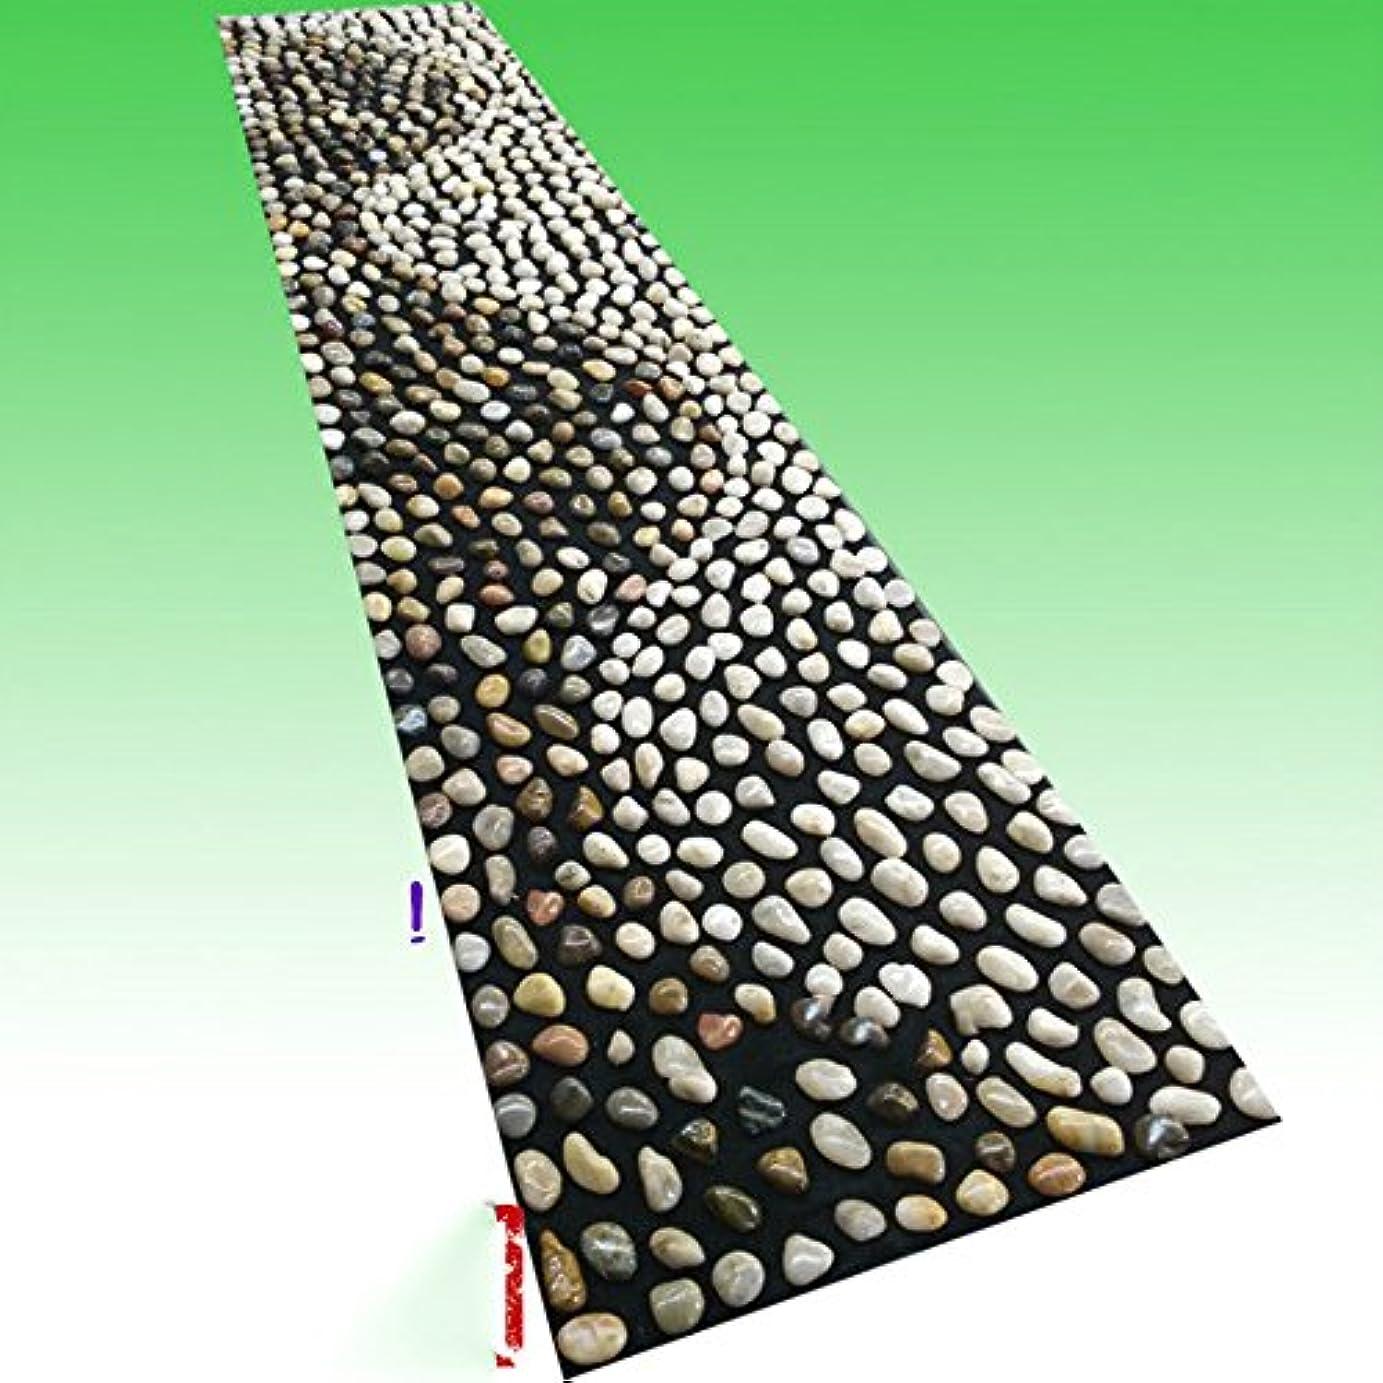 資料デモンストレーション一方、足つぼ マット マッサージシート マッサージ 足裏 健康 ツボ刺激 折りたたみ ウォーキングマット 足裏マット 本物の健康 フットマッサージ 足のマッサージパッド 模造石畳の歩道